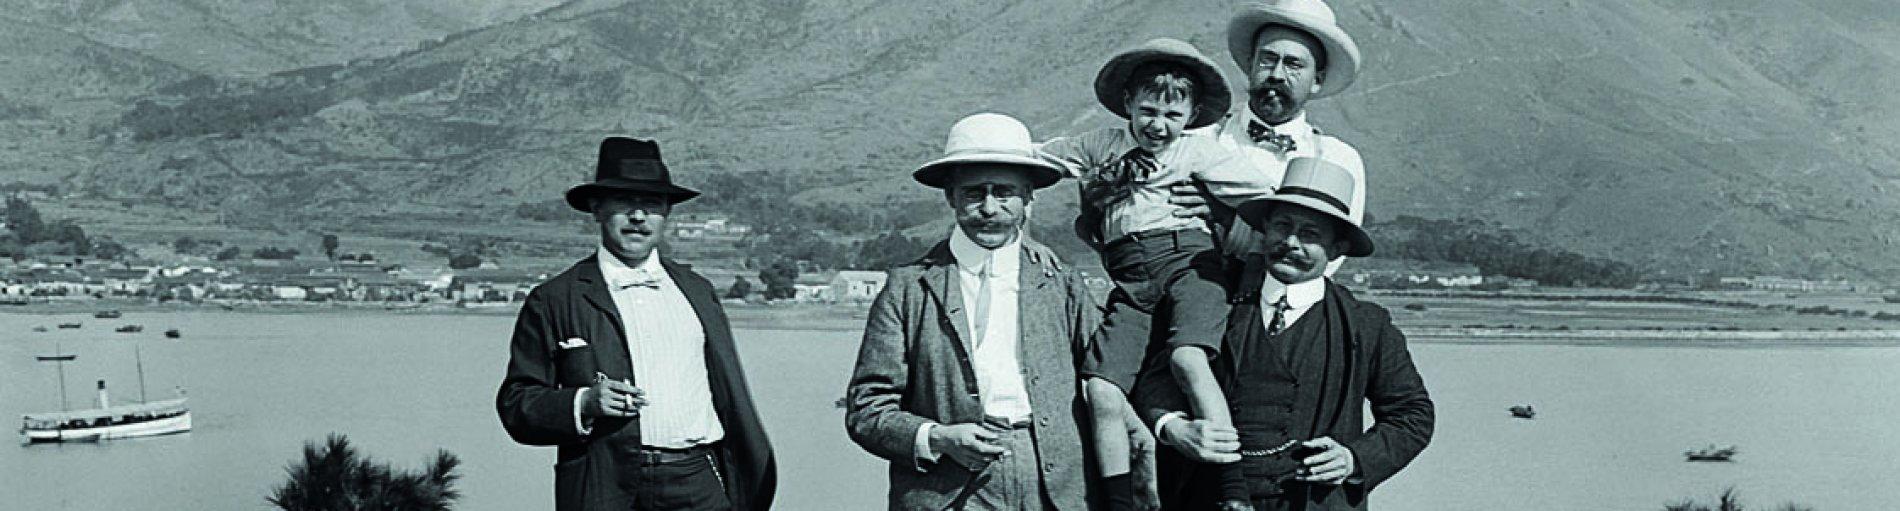 """Ein historisches Bild aus der Ausstellung """"Hongkong Connection"""" im Überseemuseum"""